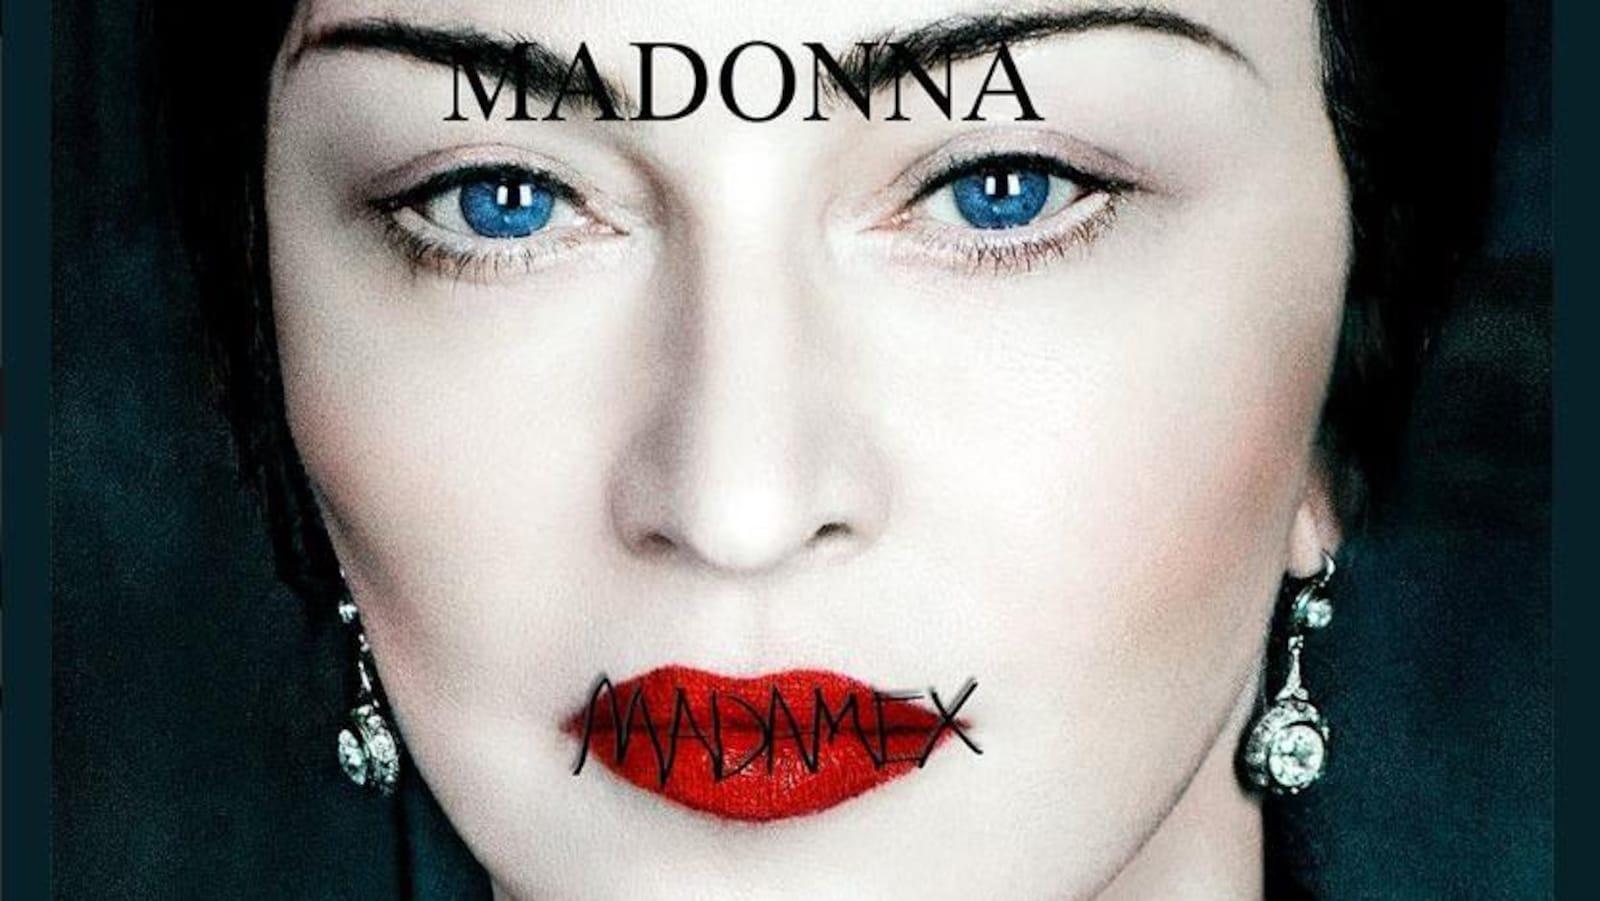 La chanteuse a les mots « Madame x » écrits sur ses lèvres écarlates.